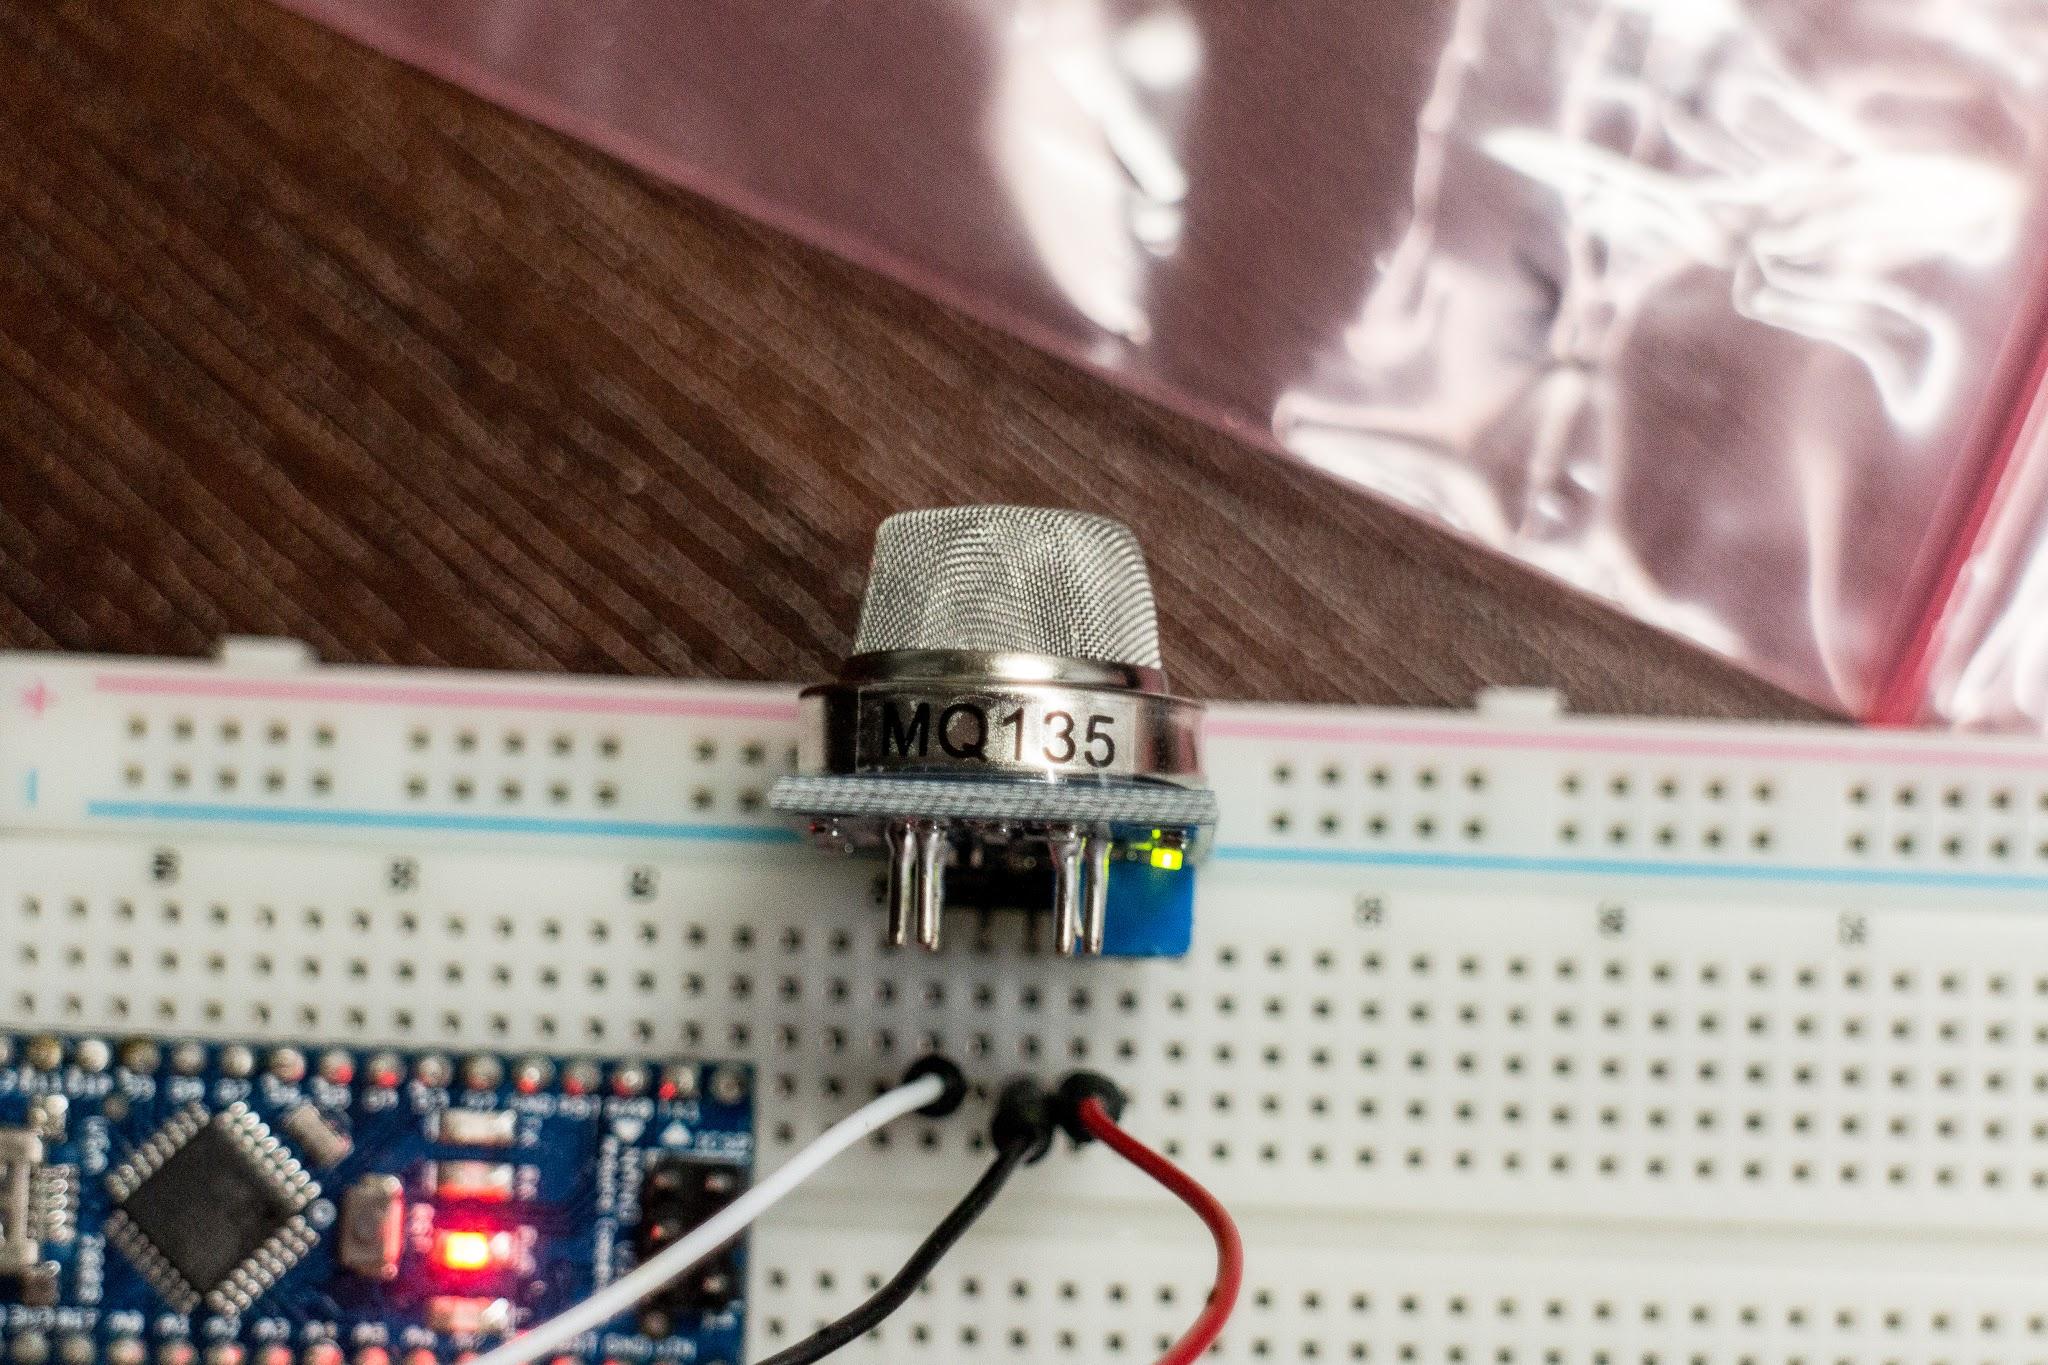 MQ-135 Sensor Air Quality Sensor Hazardous Gas Detection LM393 MQ135